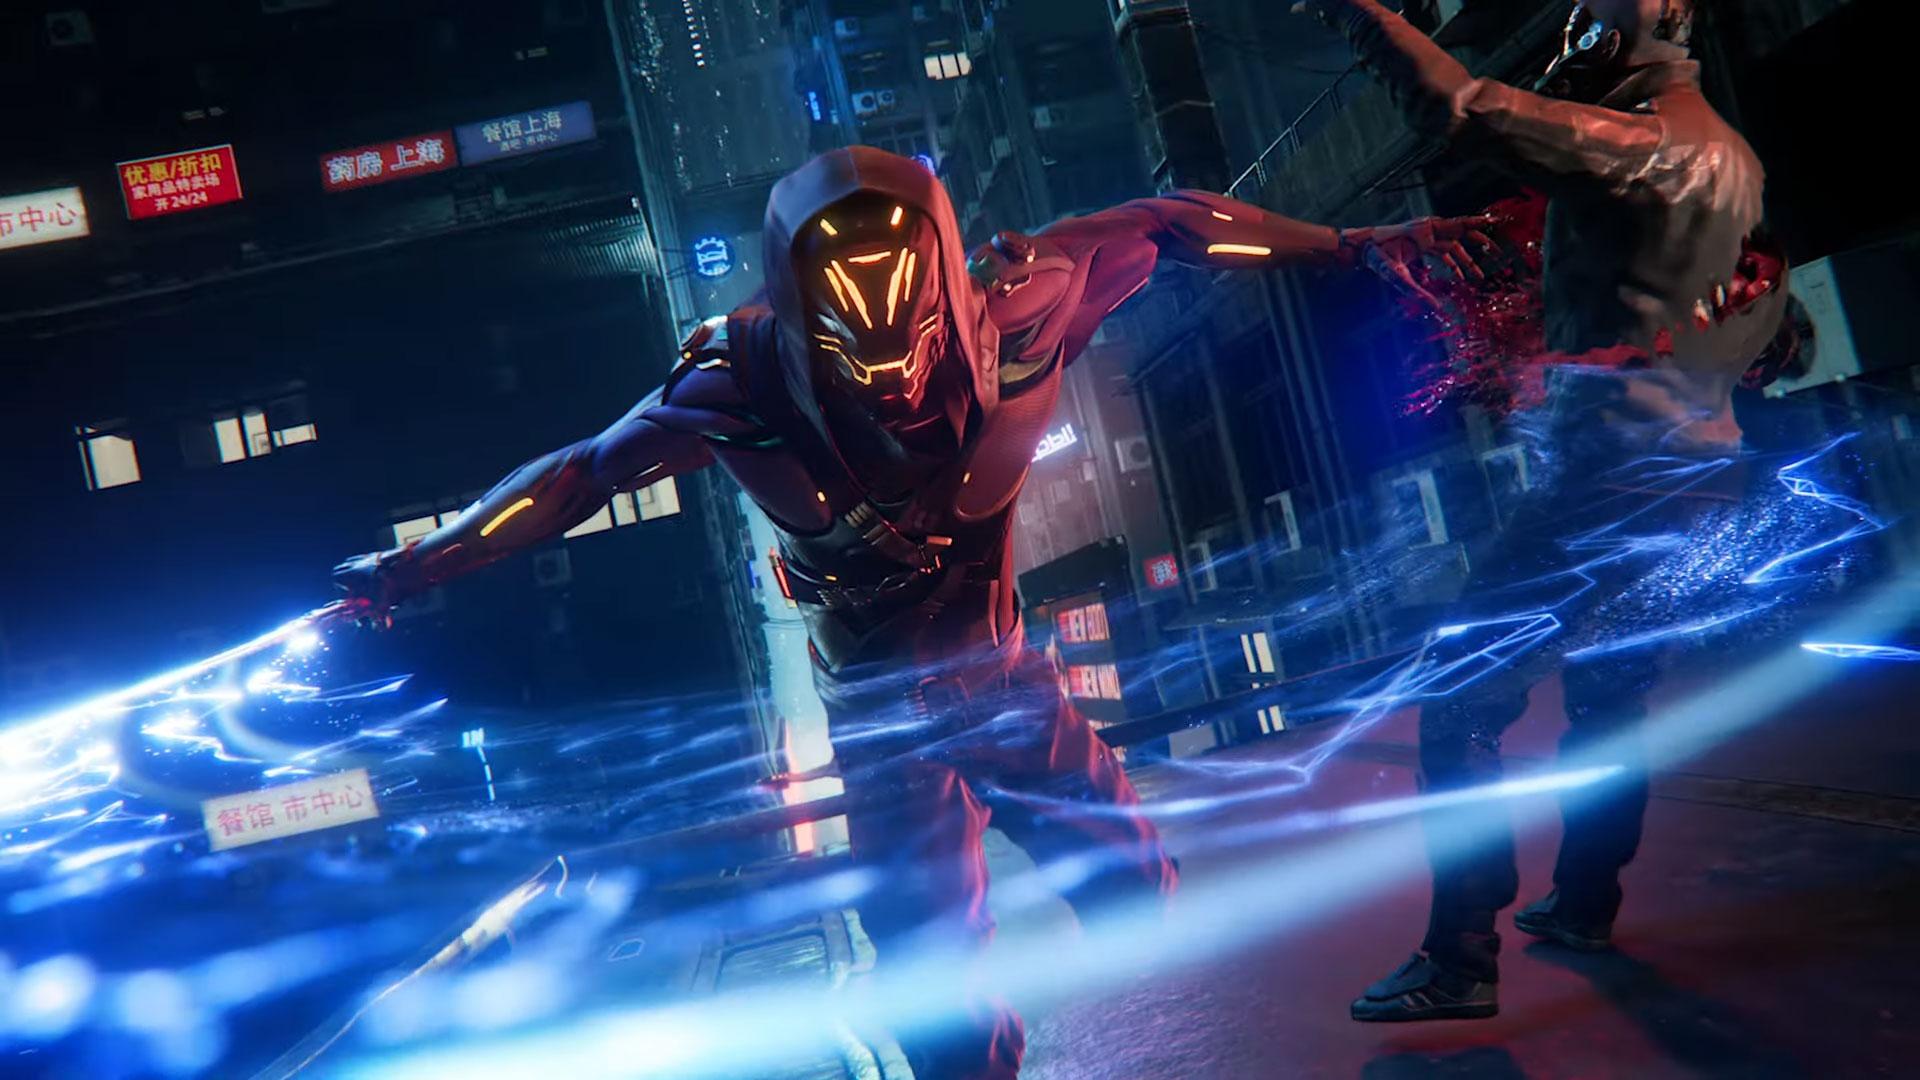 Ghostrunner zbiera pozytywne opinie wśród graczy. Tytuł już na siebie zarabia